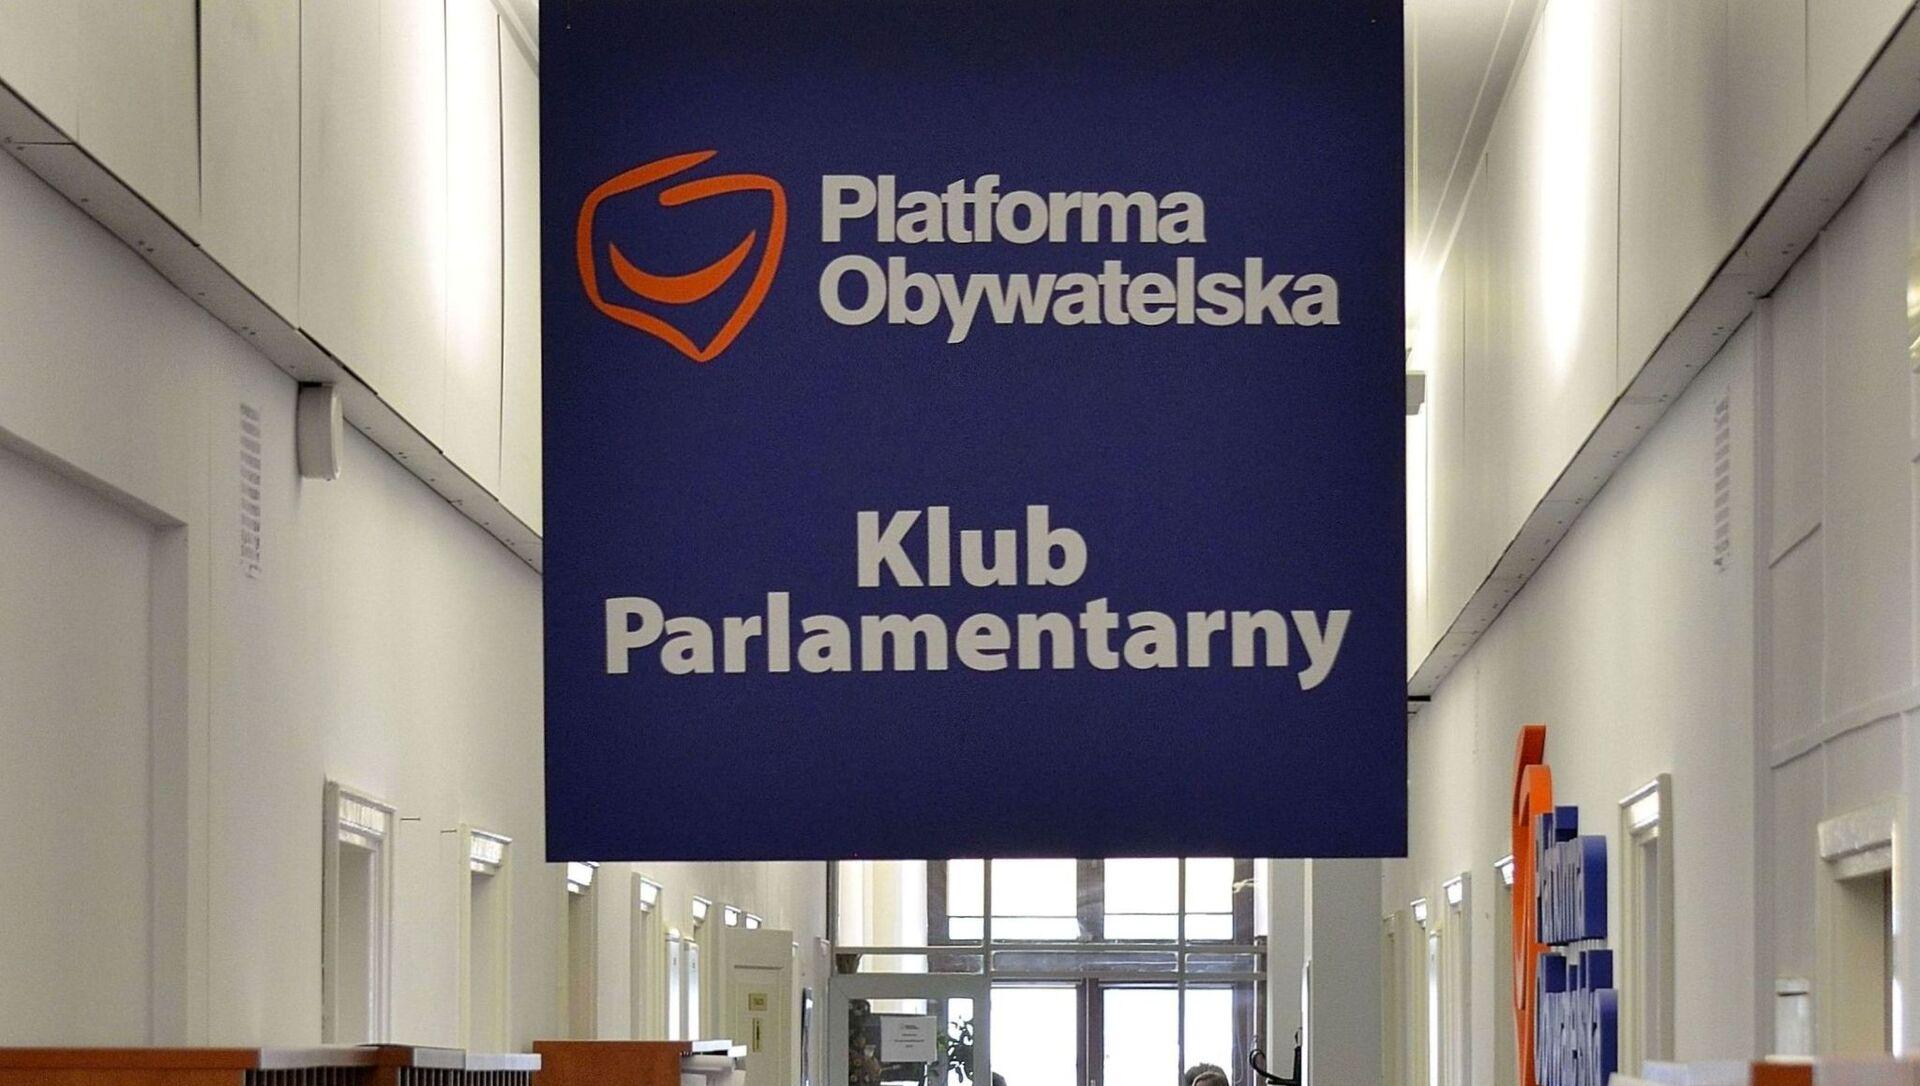 Platforma Obywatelska - Sputnik Polska, 1920, 15.05.2021